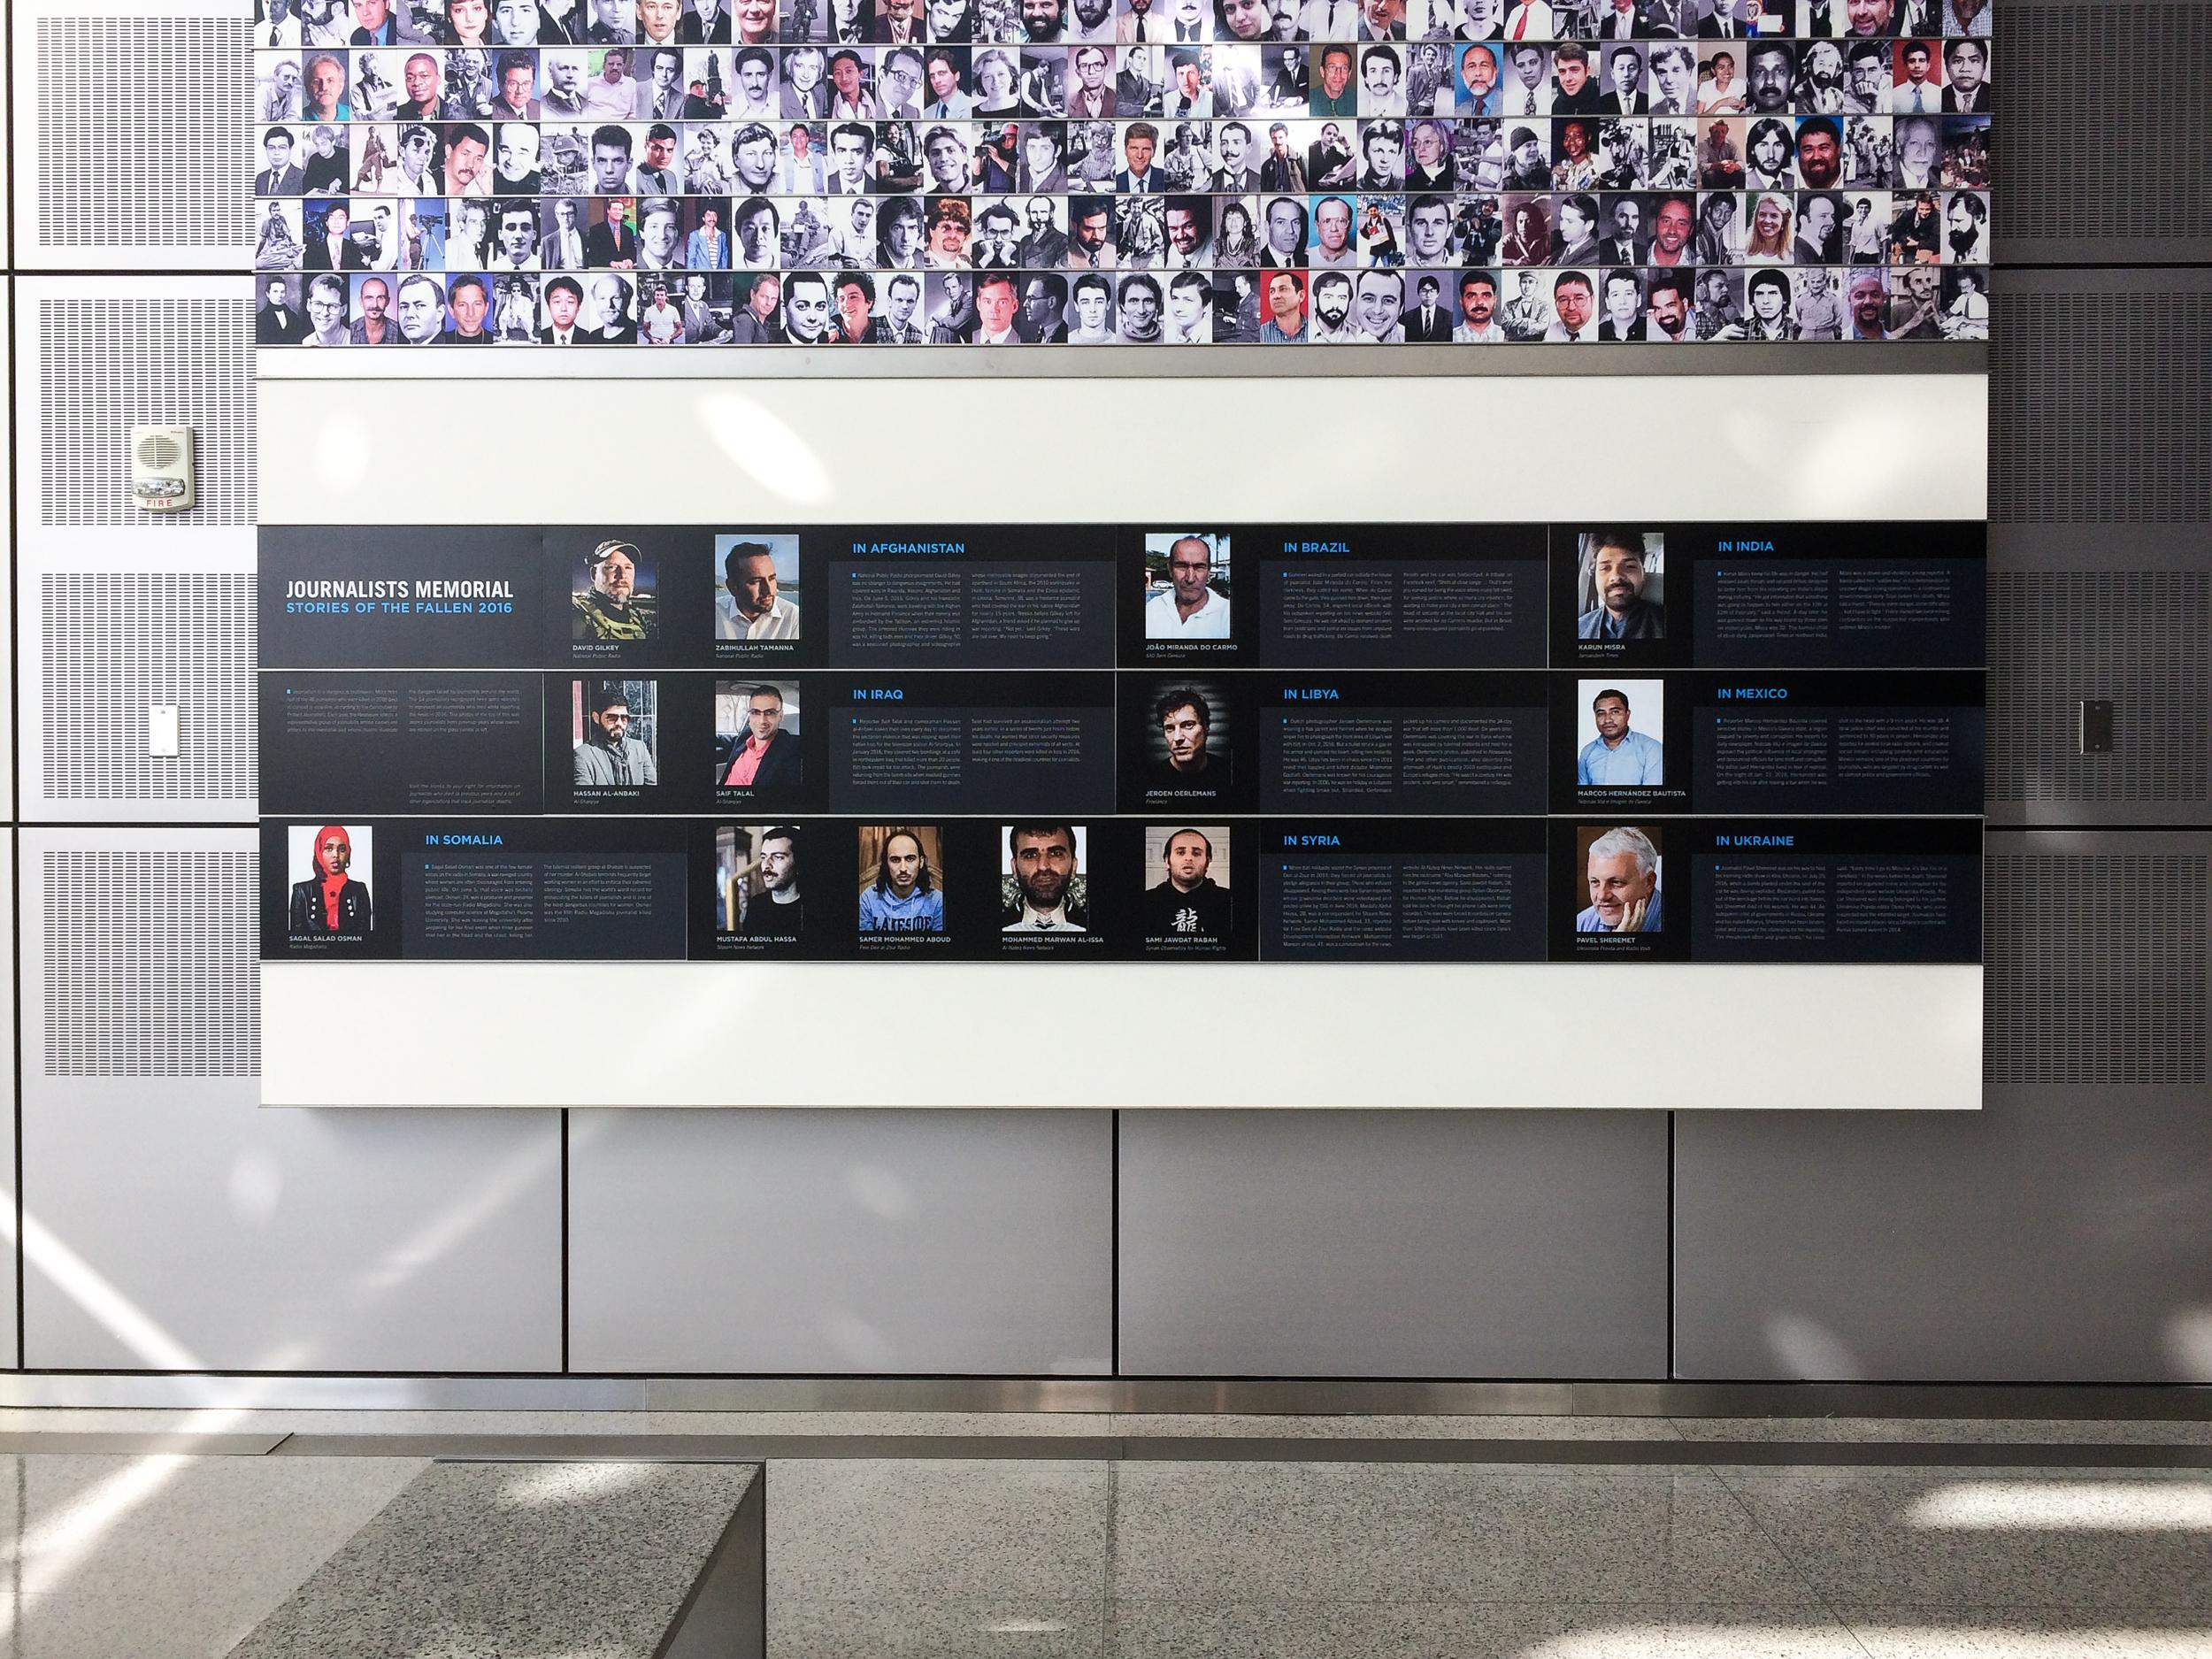 Journalists Memorial 2016